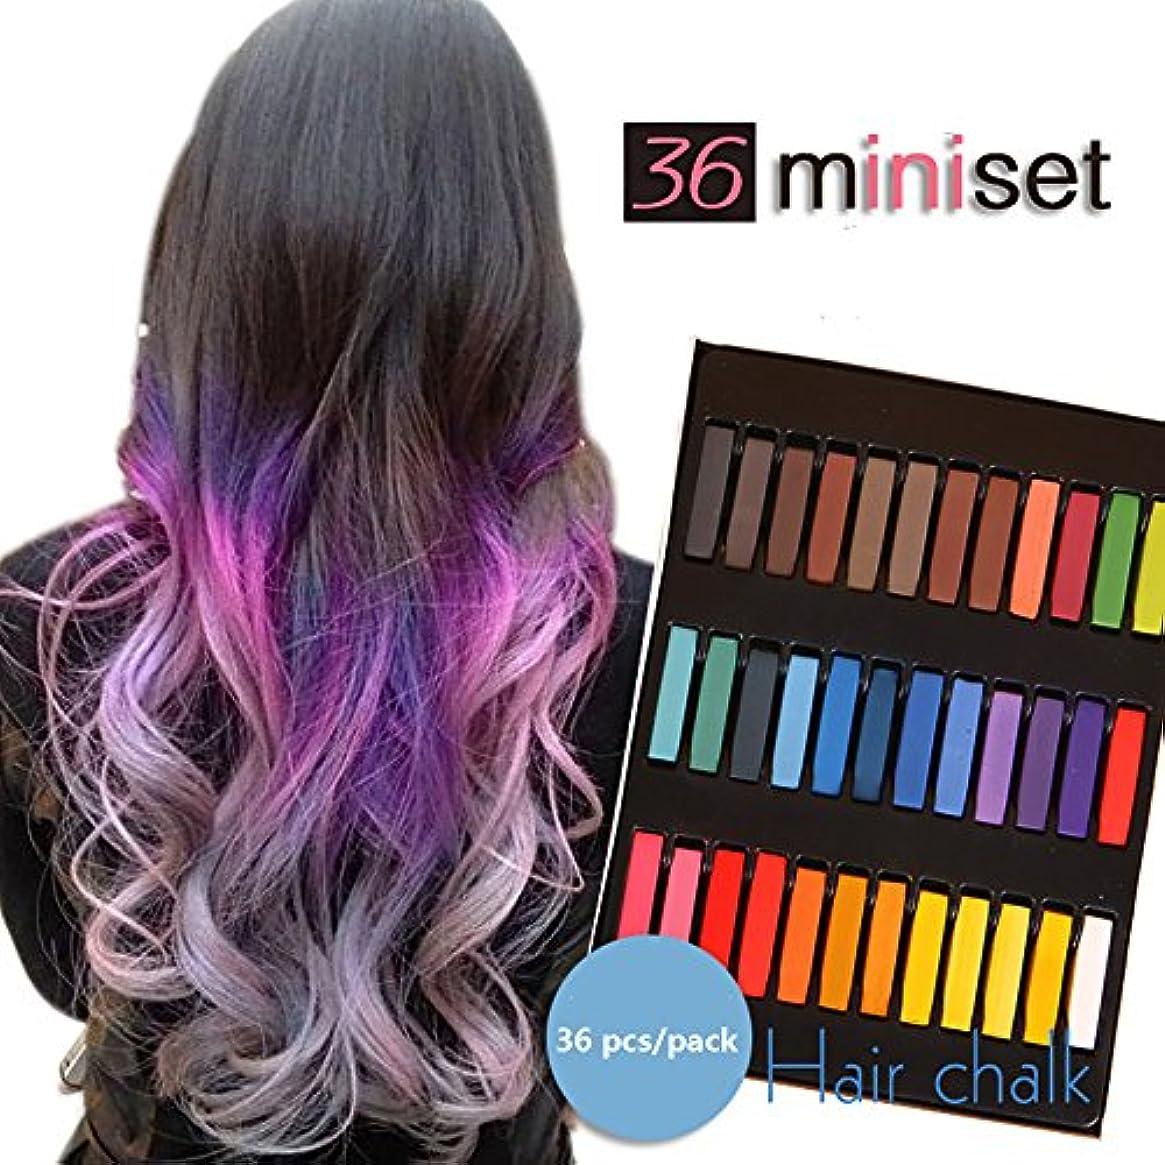 カビピットはっきりと大ブレイク中!HAIR CHALKIN 選べる 6色/12色/24色/36色 髪専用に開発された安心商品! ヘアチョーク ヘアカラーチョーク 一日だけのヘアカラーでイメチェンが楽しめる!美容室のヘアカラーでは表現しづらい...